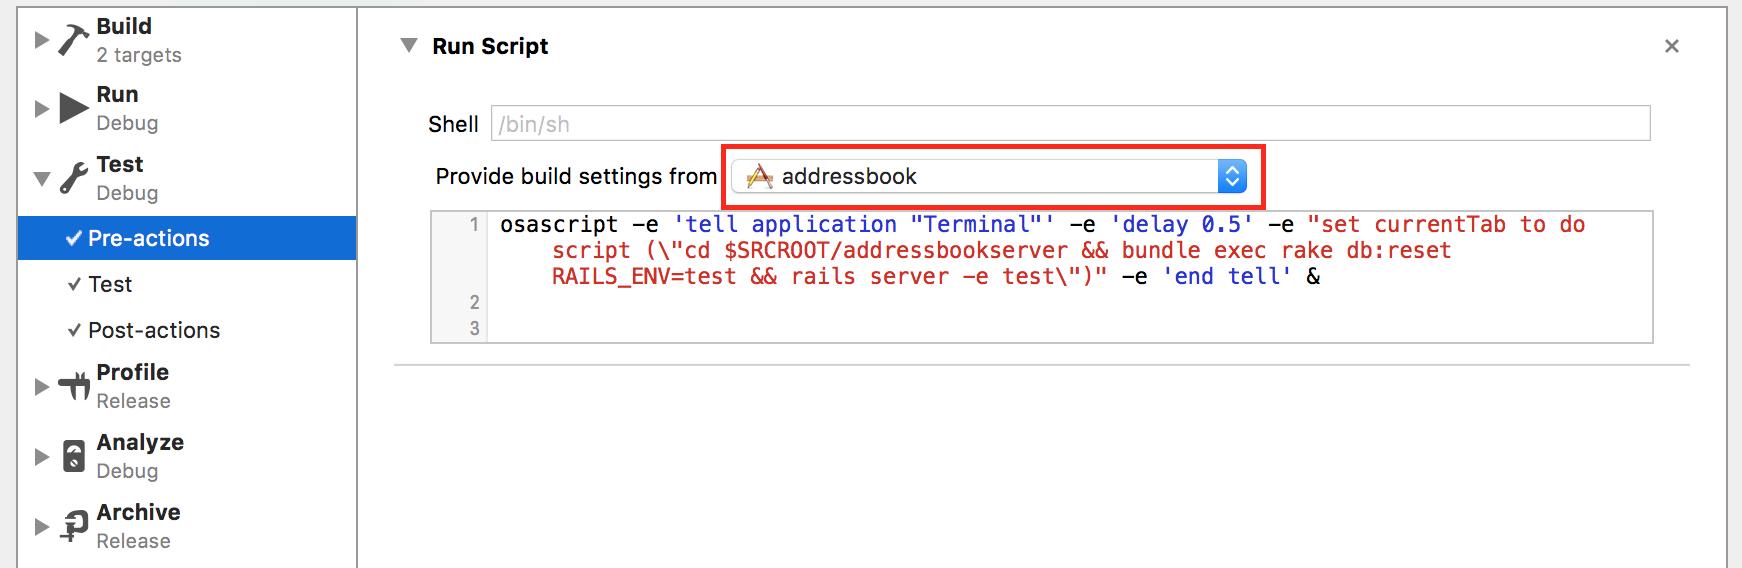 xcode test scheme scripts enviroment pre